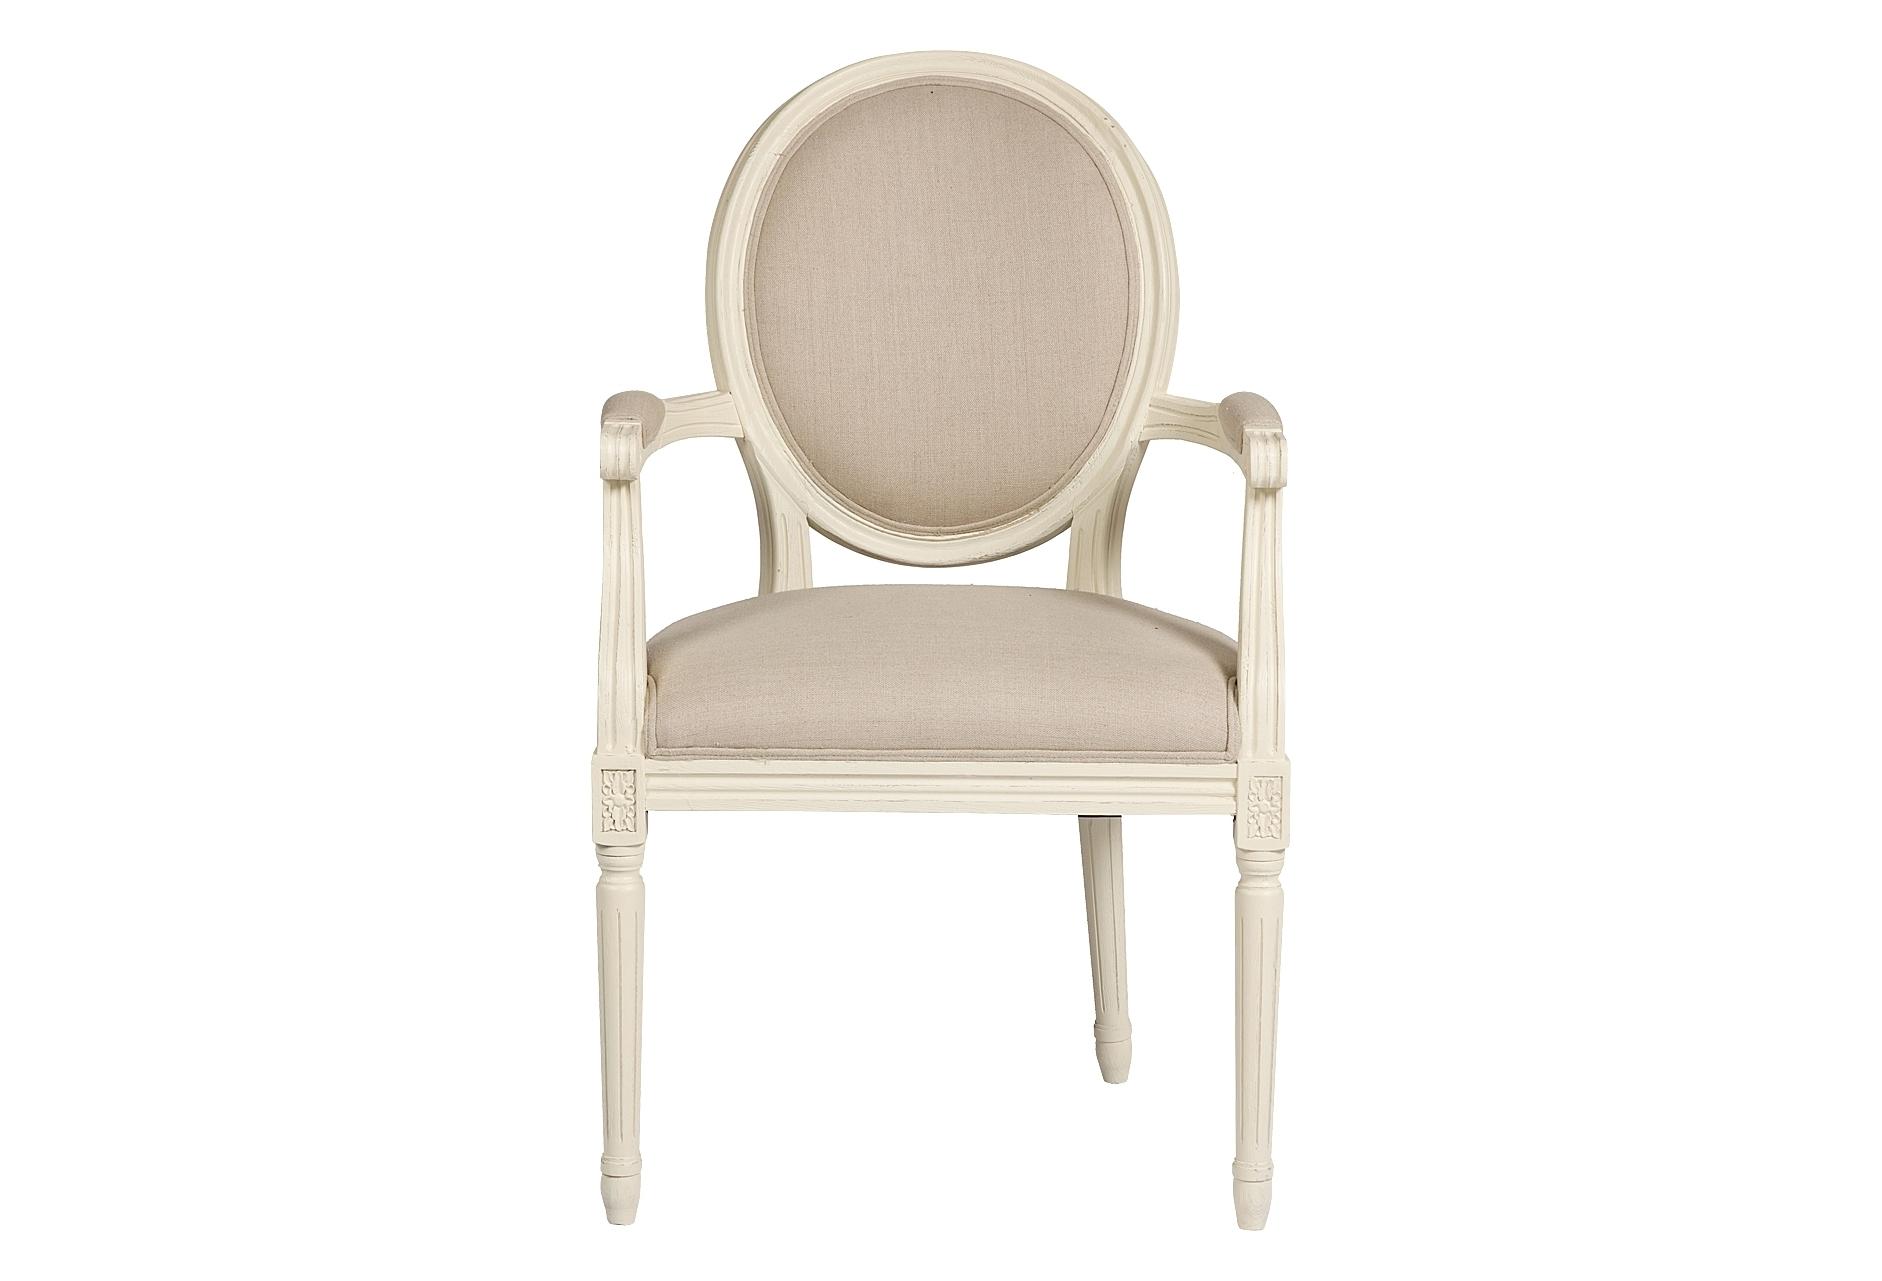 Кресло Vintage French RoundПолукресла<br>Это кресло напоминает мебель времен Людовика и Марии-Антуанет. Ведь именно тогда был пик расцвета стилей Прованс и Барокко. Выполненное в современном толерантном стиле, кресло Vintage French Cane Back Round, тем не менее, ярко показывает свои французские истоки. Действительно, оно бы украсило не один дворец или палаццо. Классические округлые формы деревянного каркаса из дуба, своеобразная спинка в виде медальона, высокие тонкие ножки и округлые бока — стиль Прованс! Простое и изысканное, легкое и воздушное, кокетливое и притягательное — вот так можно описать кресло Vintage French Cane Back Round.<br><br>Material: Лен<br>Width см: 58,5<br>Depth см: 61<br>Height см: 102